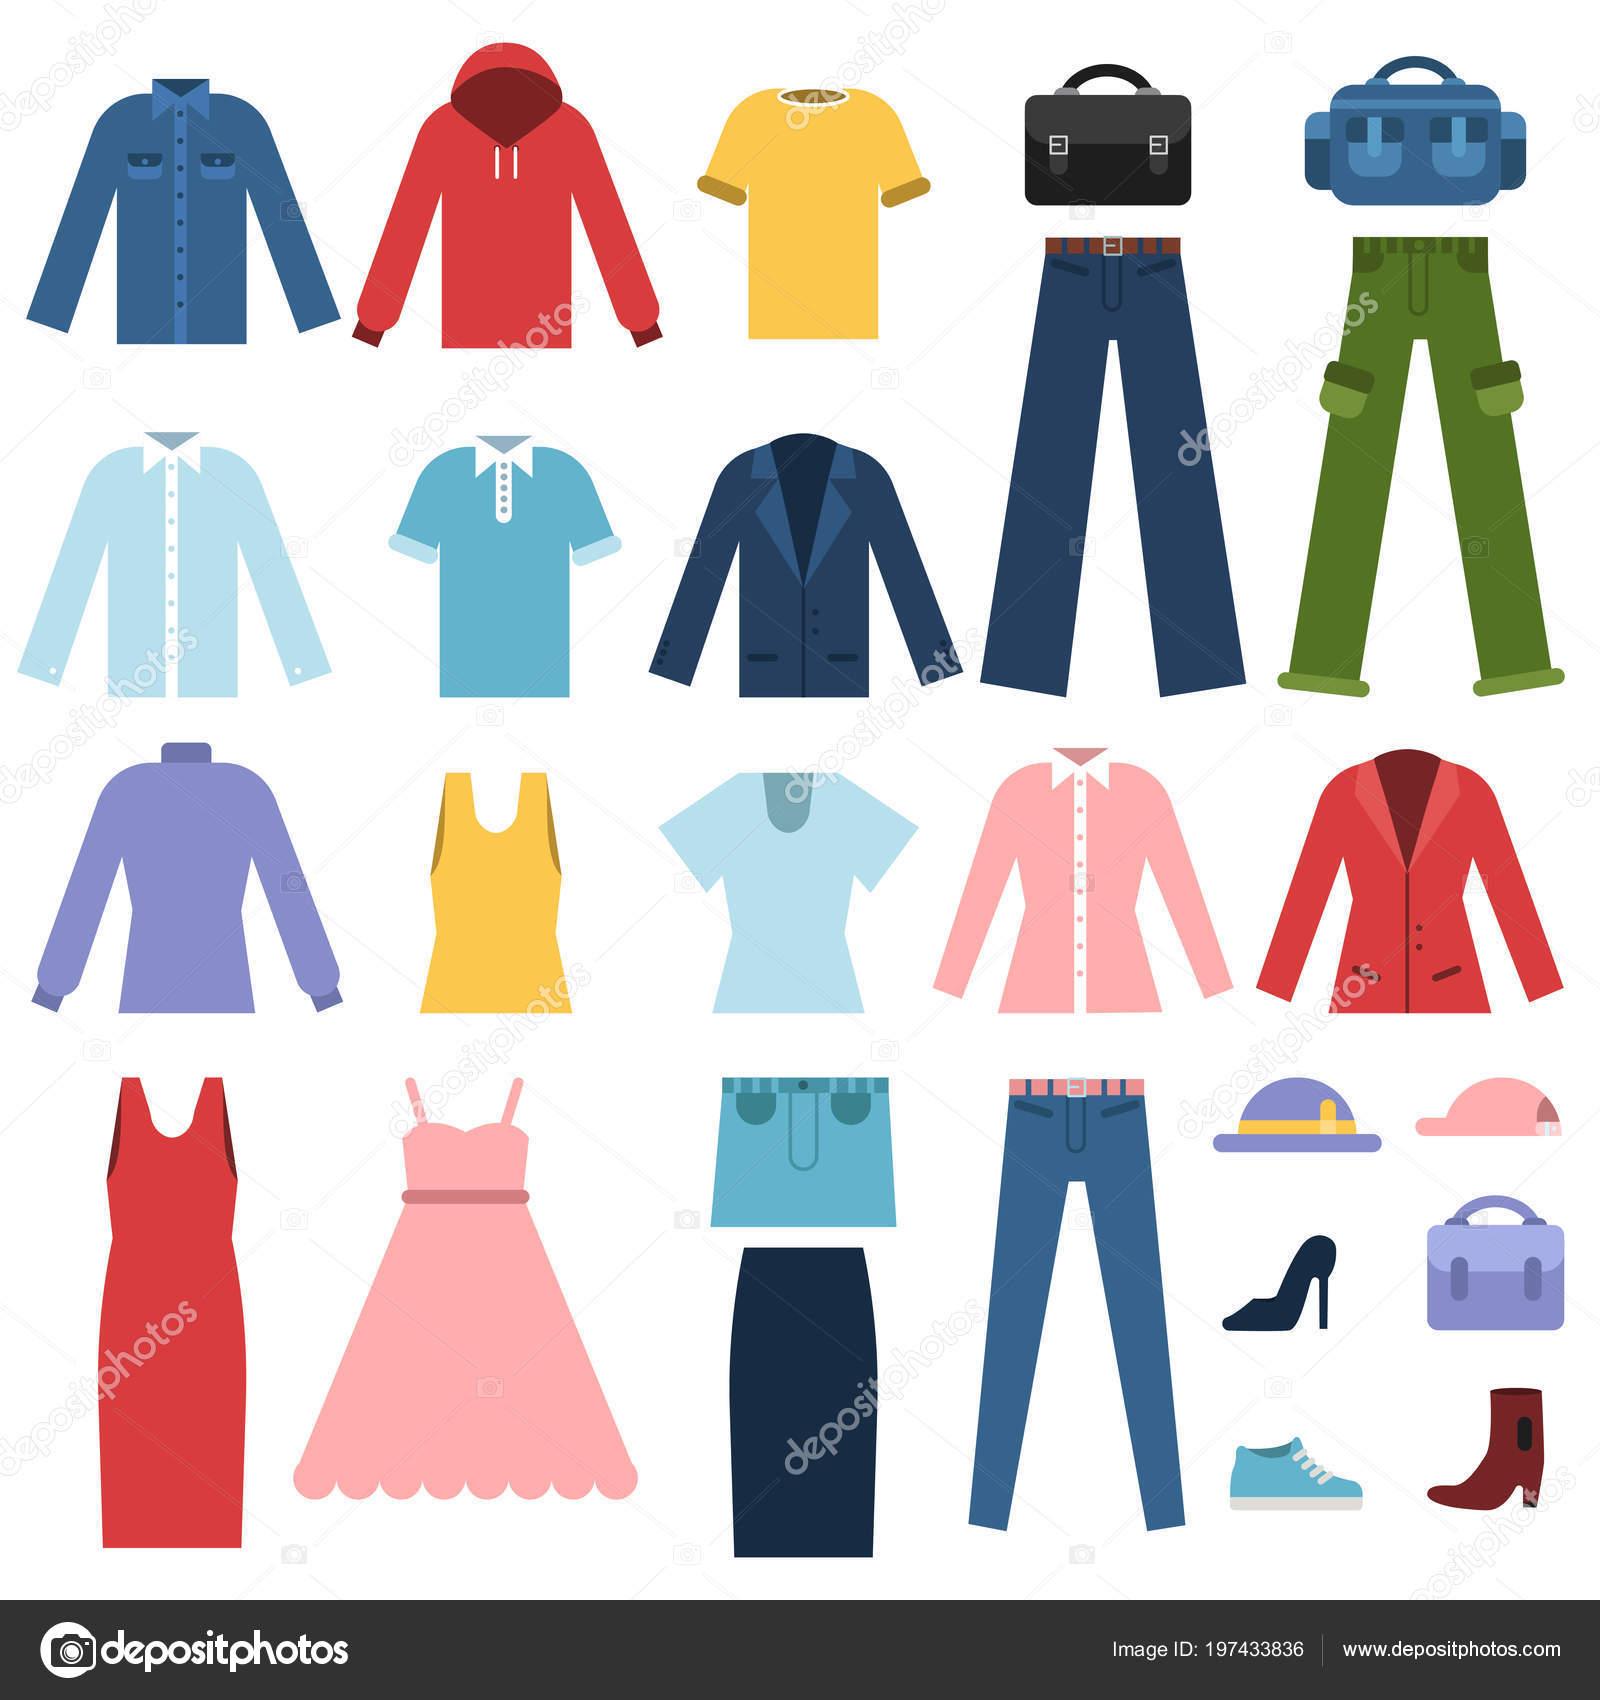 1a3c8d2ef9 Conjunto de ropa para hombre y mujer. Ilustración de vector moda ropa  masculina y femenina — Vector de ...